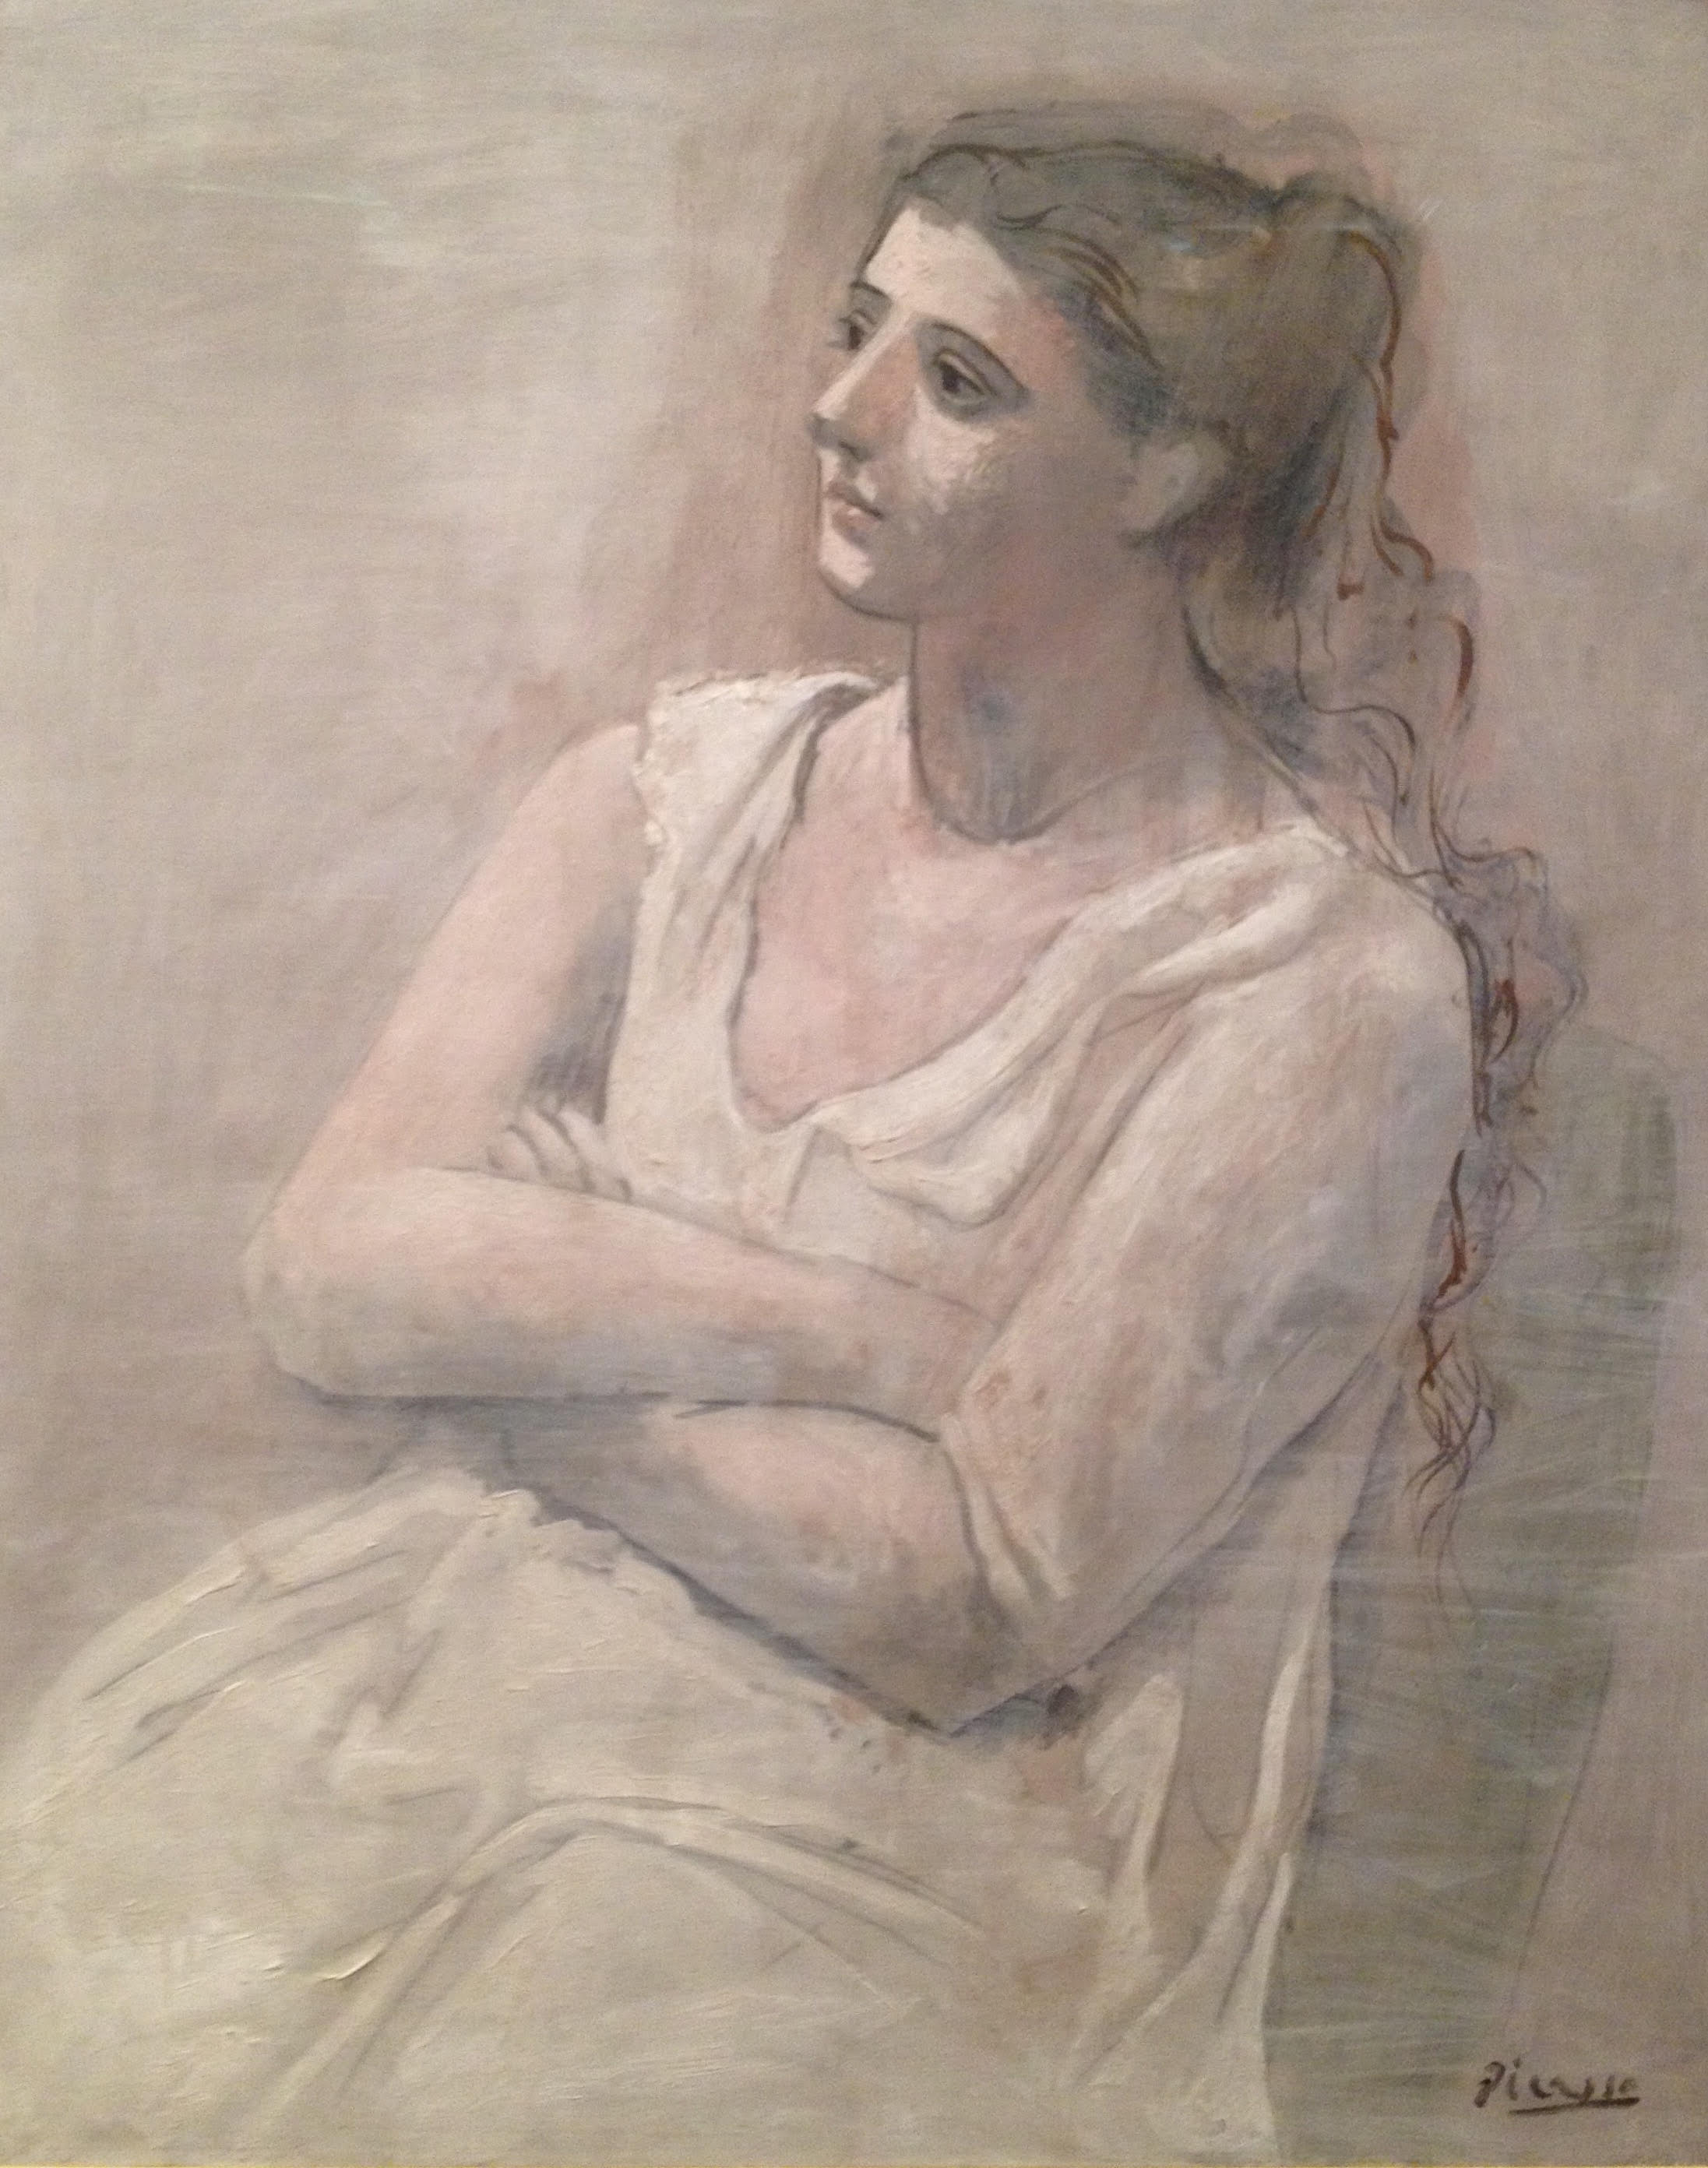 Pablo Picasso,  Woman in White , 1923